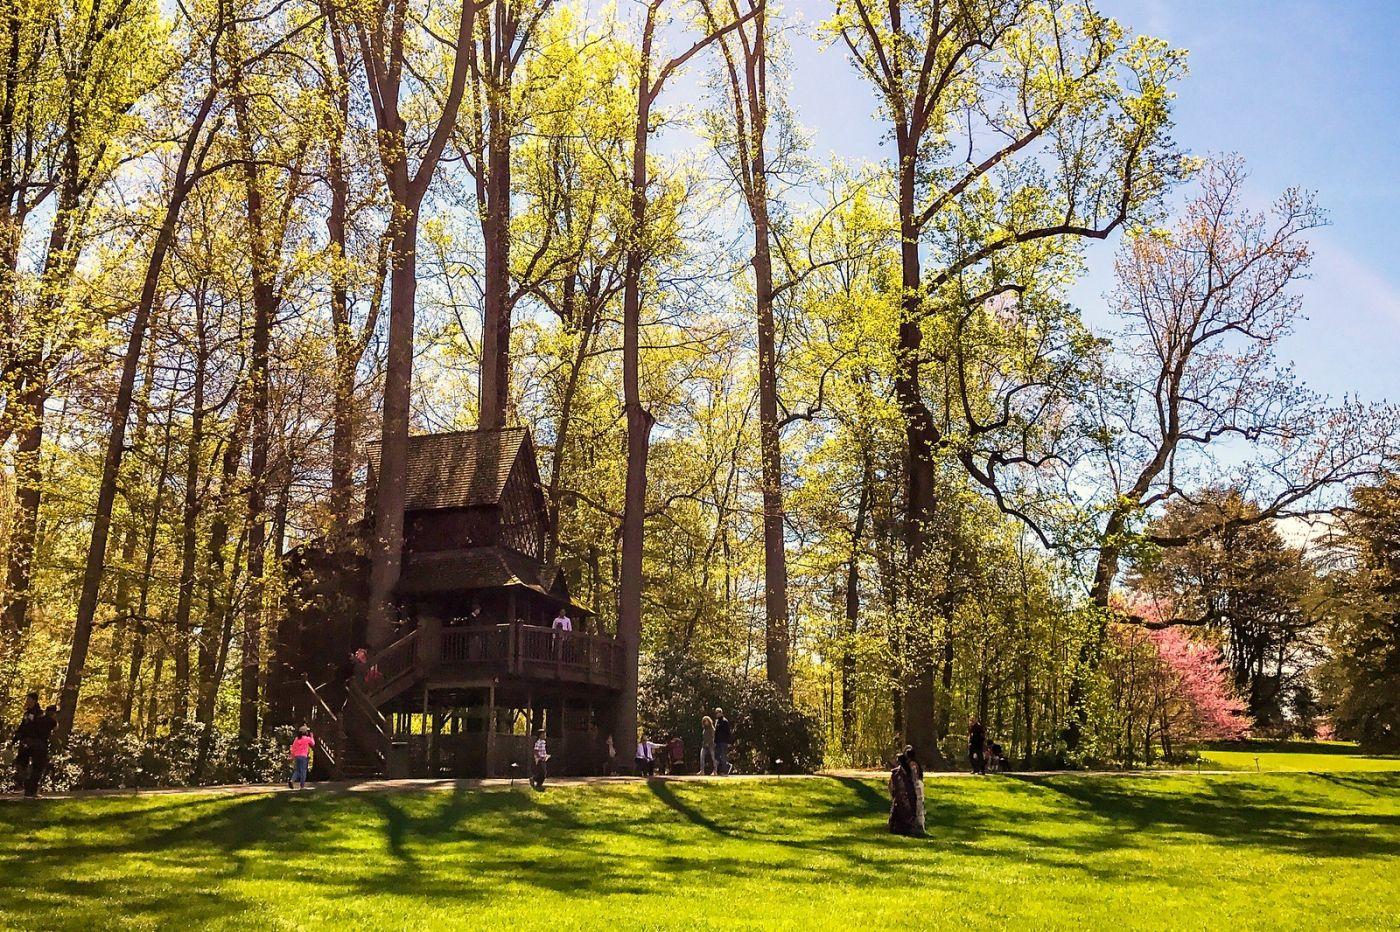 宾州长木公园,定格美好的画面_图1-2